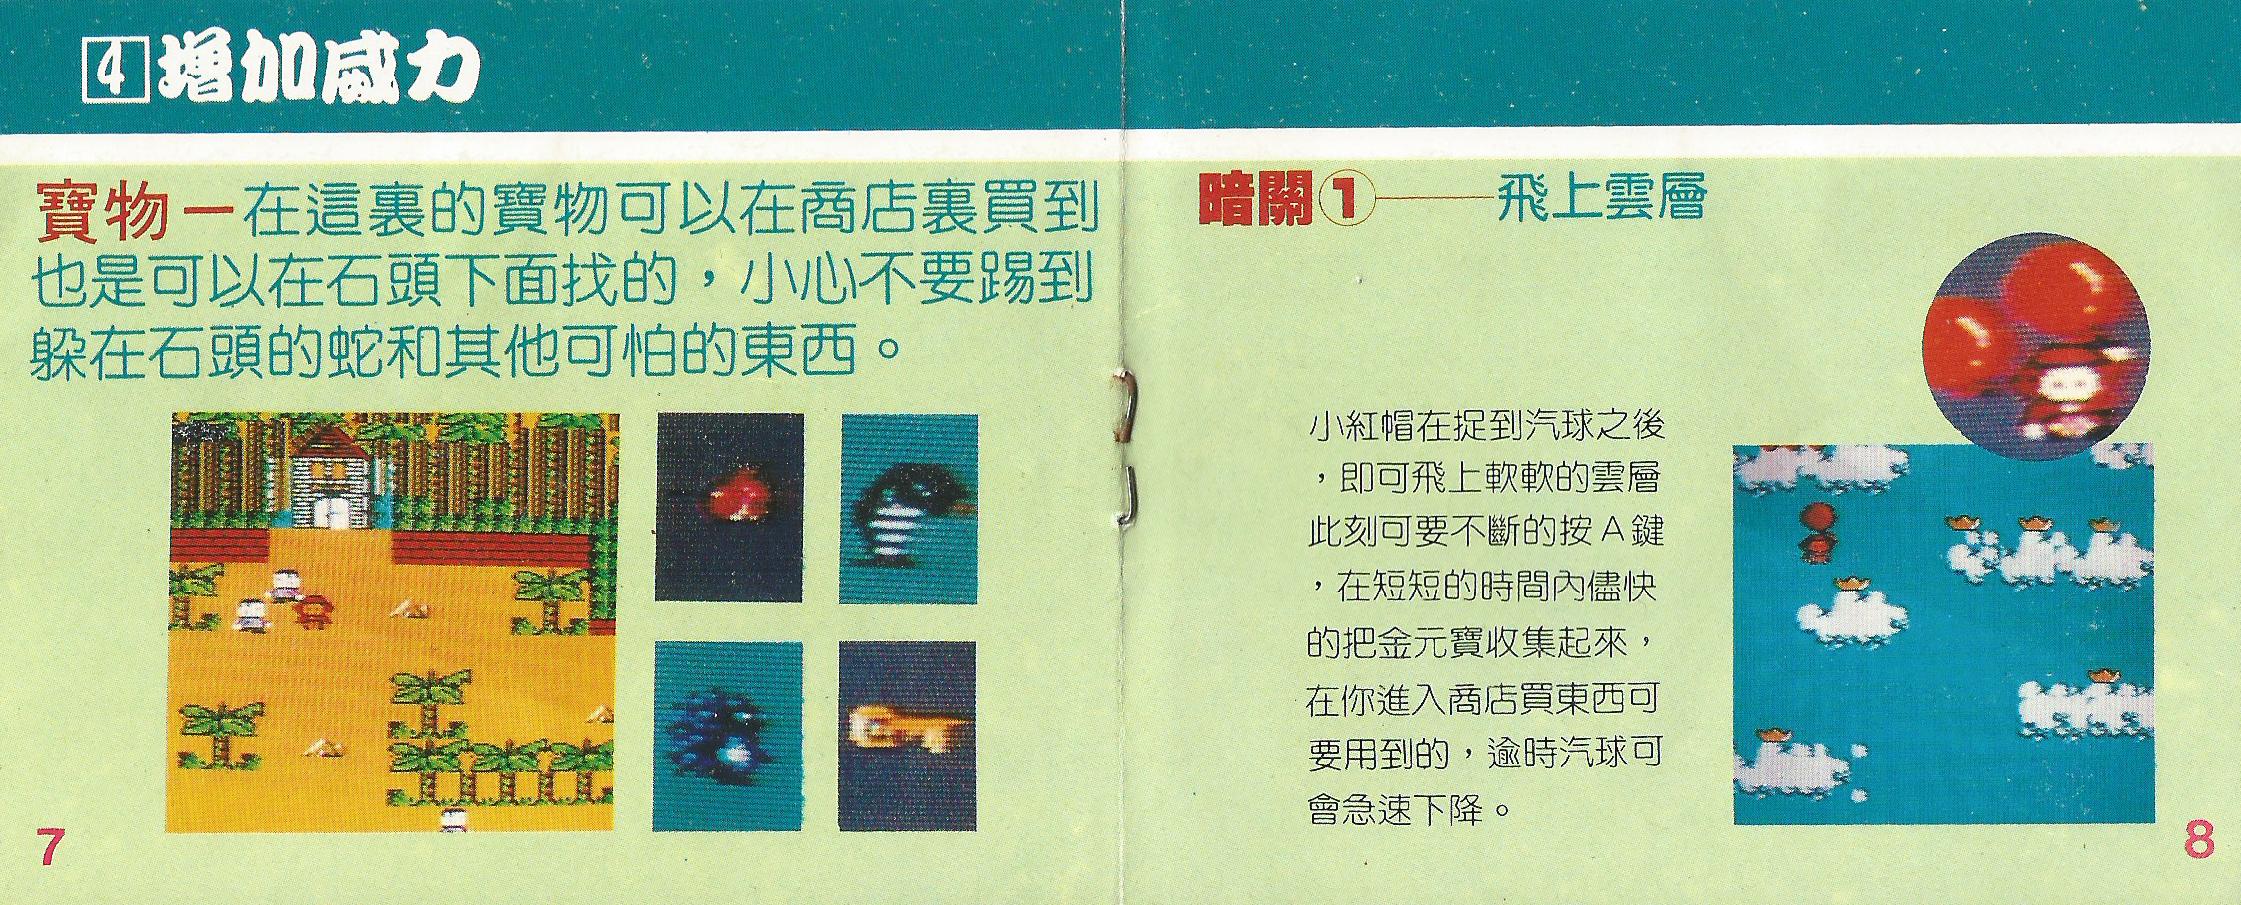 Littleredhood-fc-manual05.png